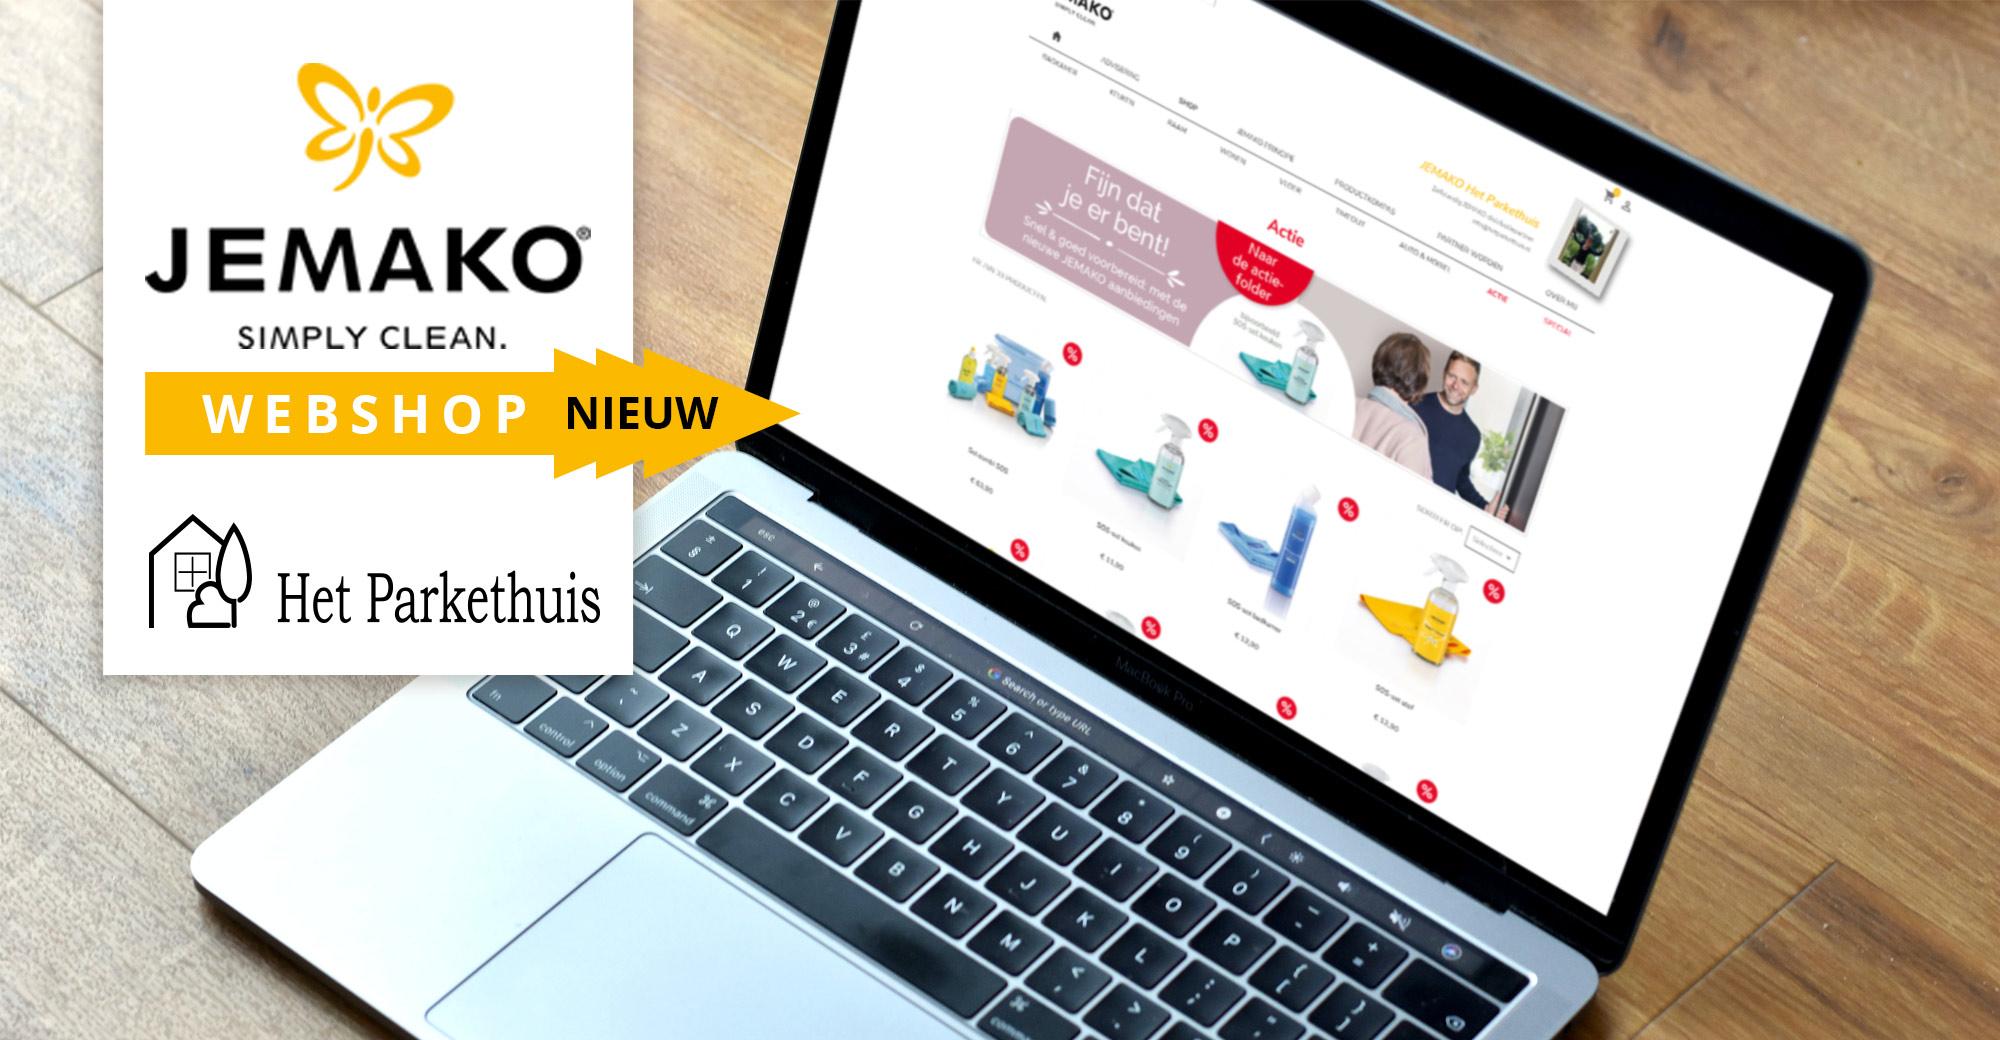 Bestel jouw JEMAKO producten via onze nieuwe webshop!